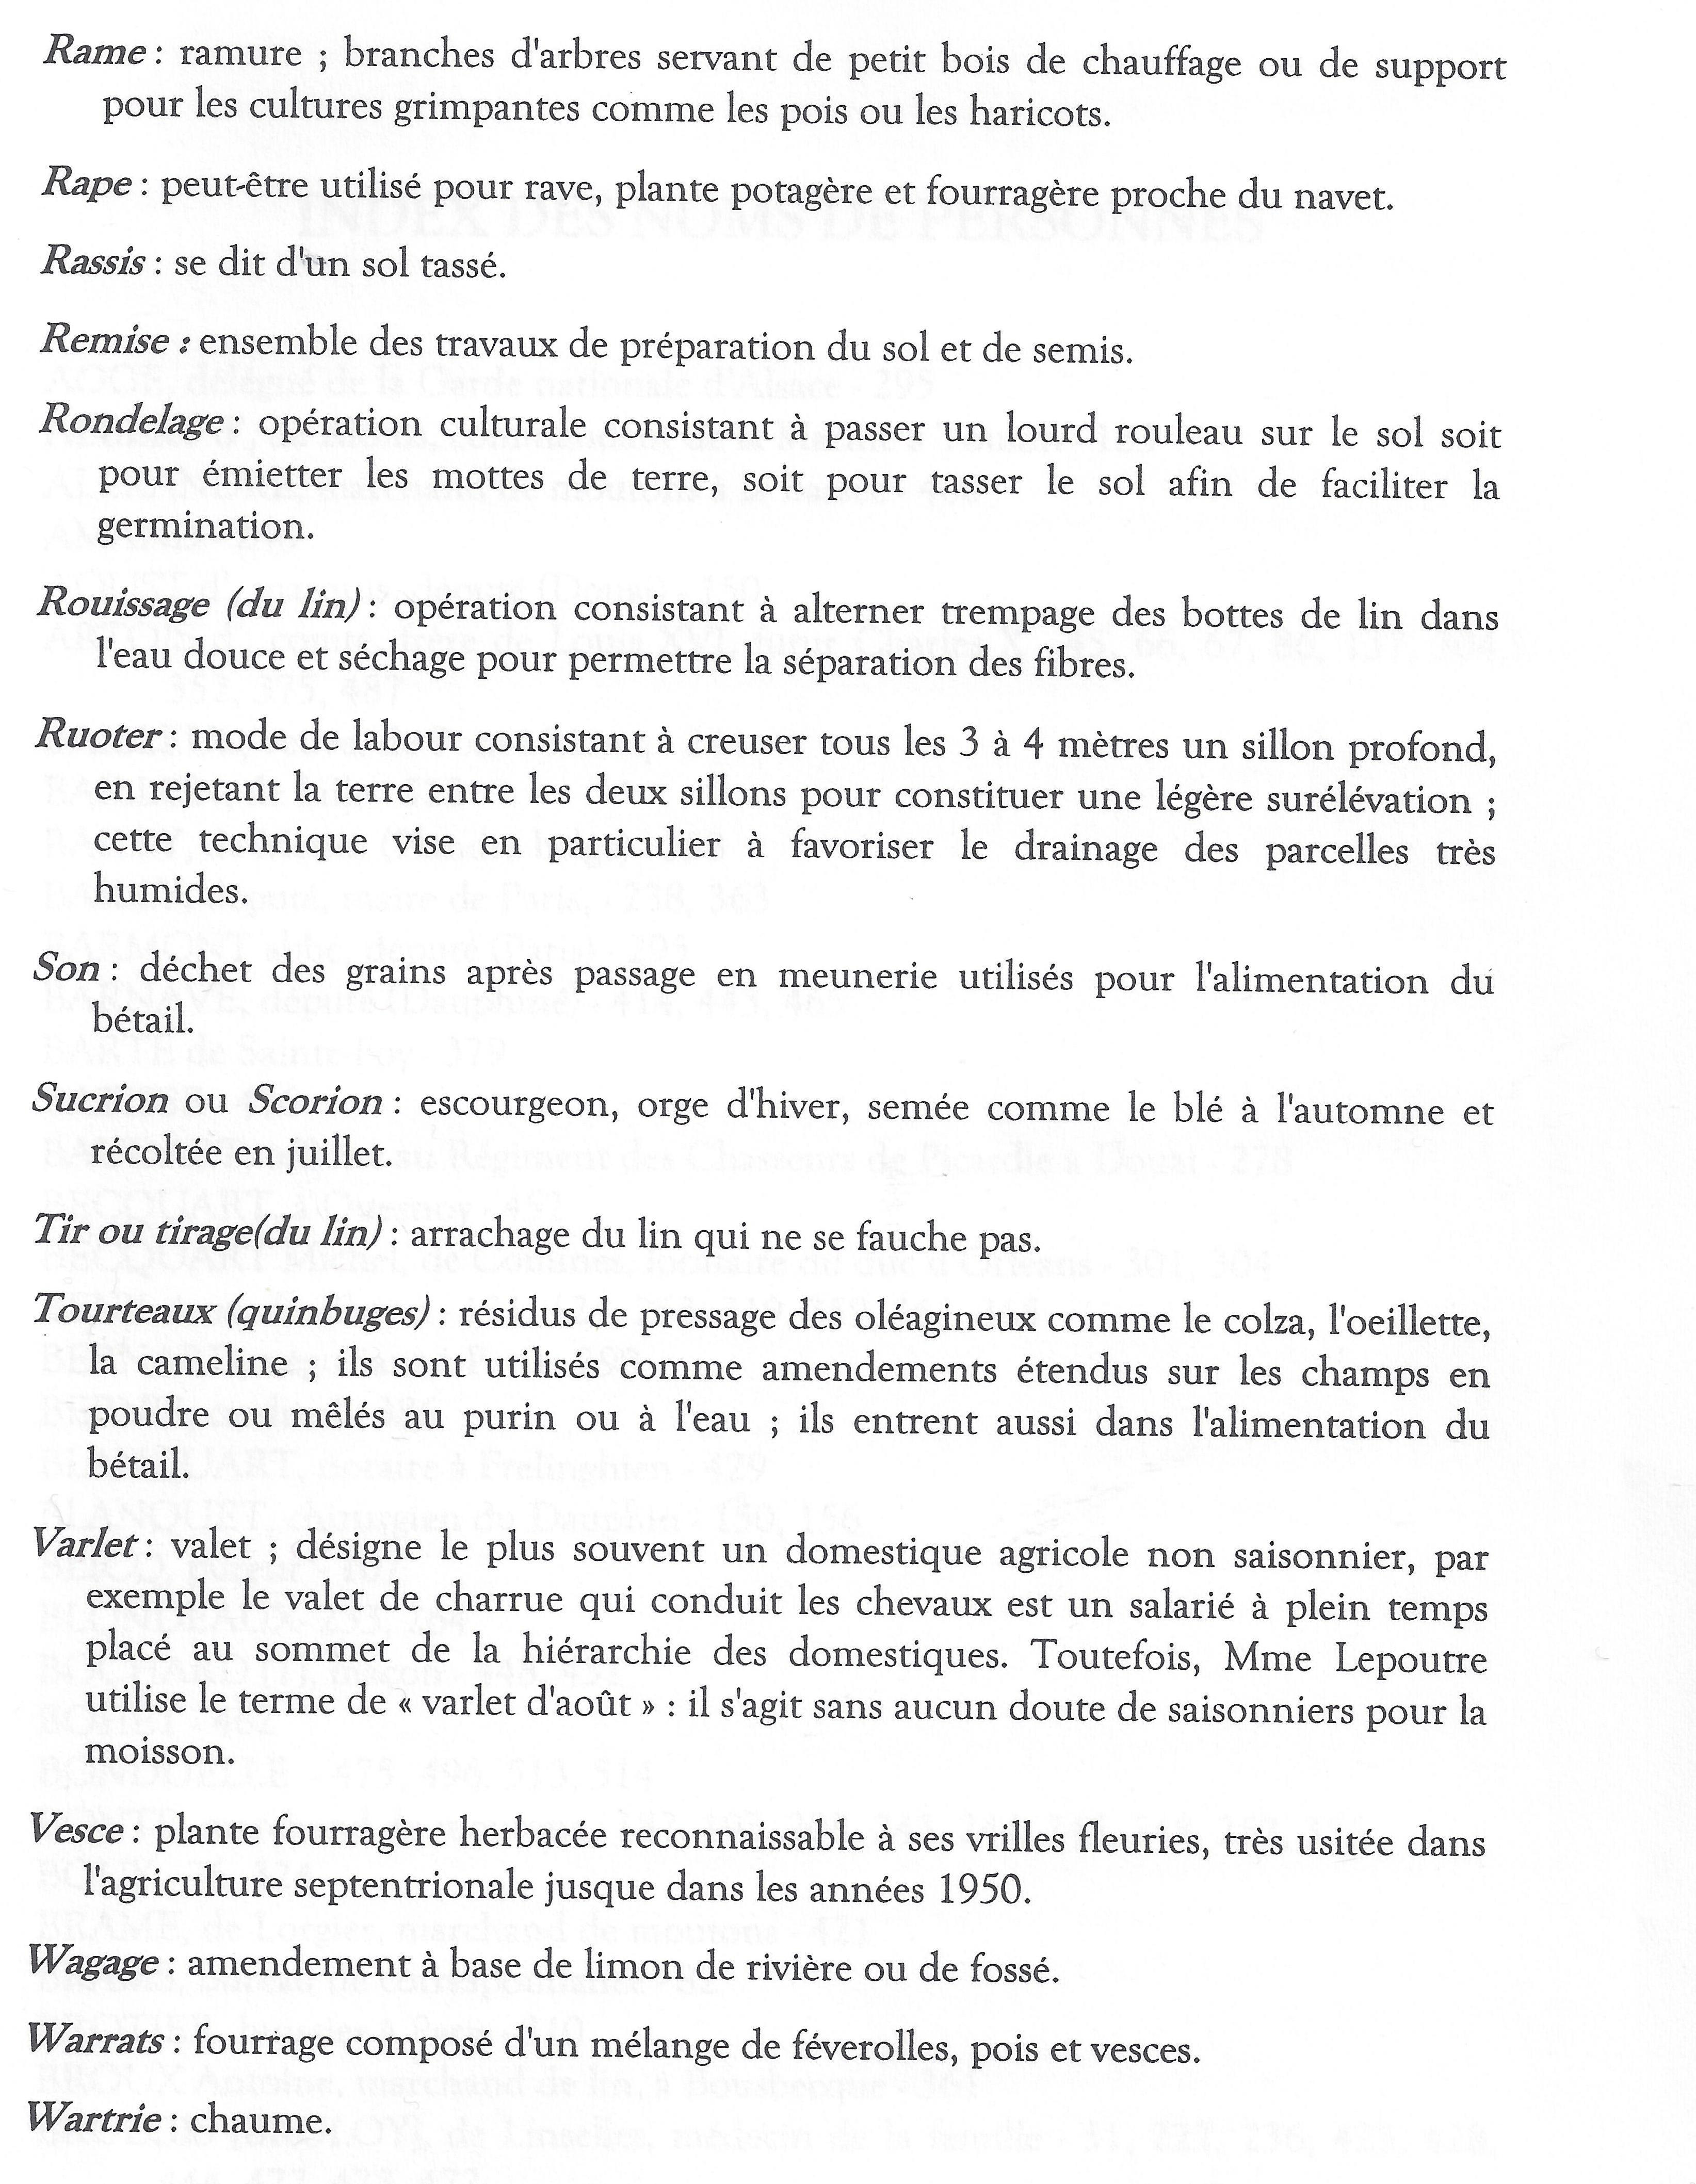 glossaire des thermes agricoles30